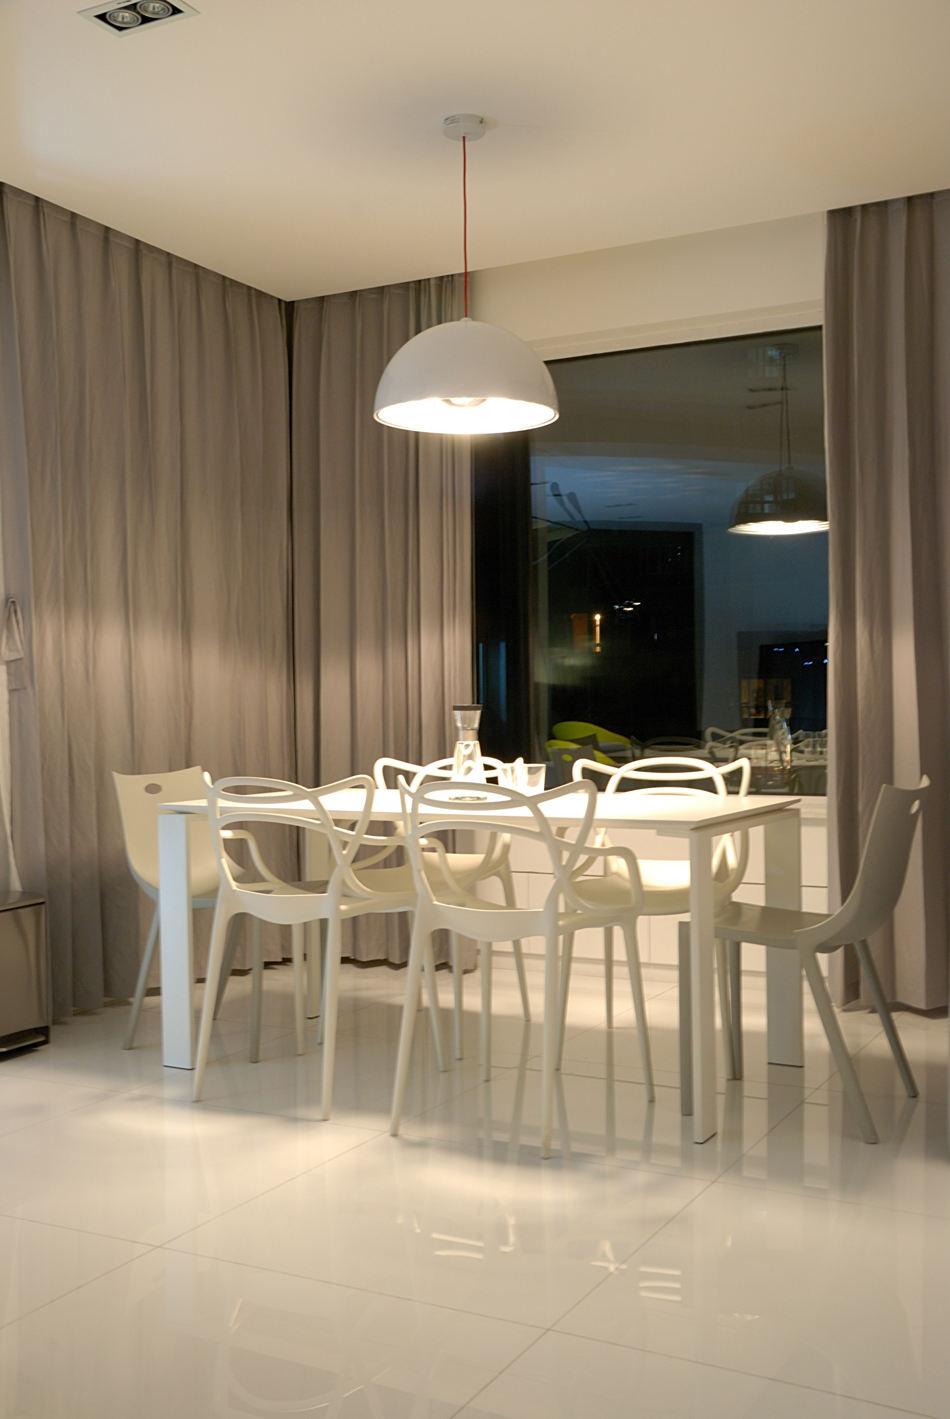 极简现代家居餐厅灰色窗帘效果图